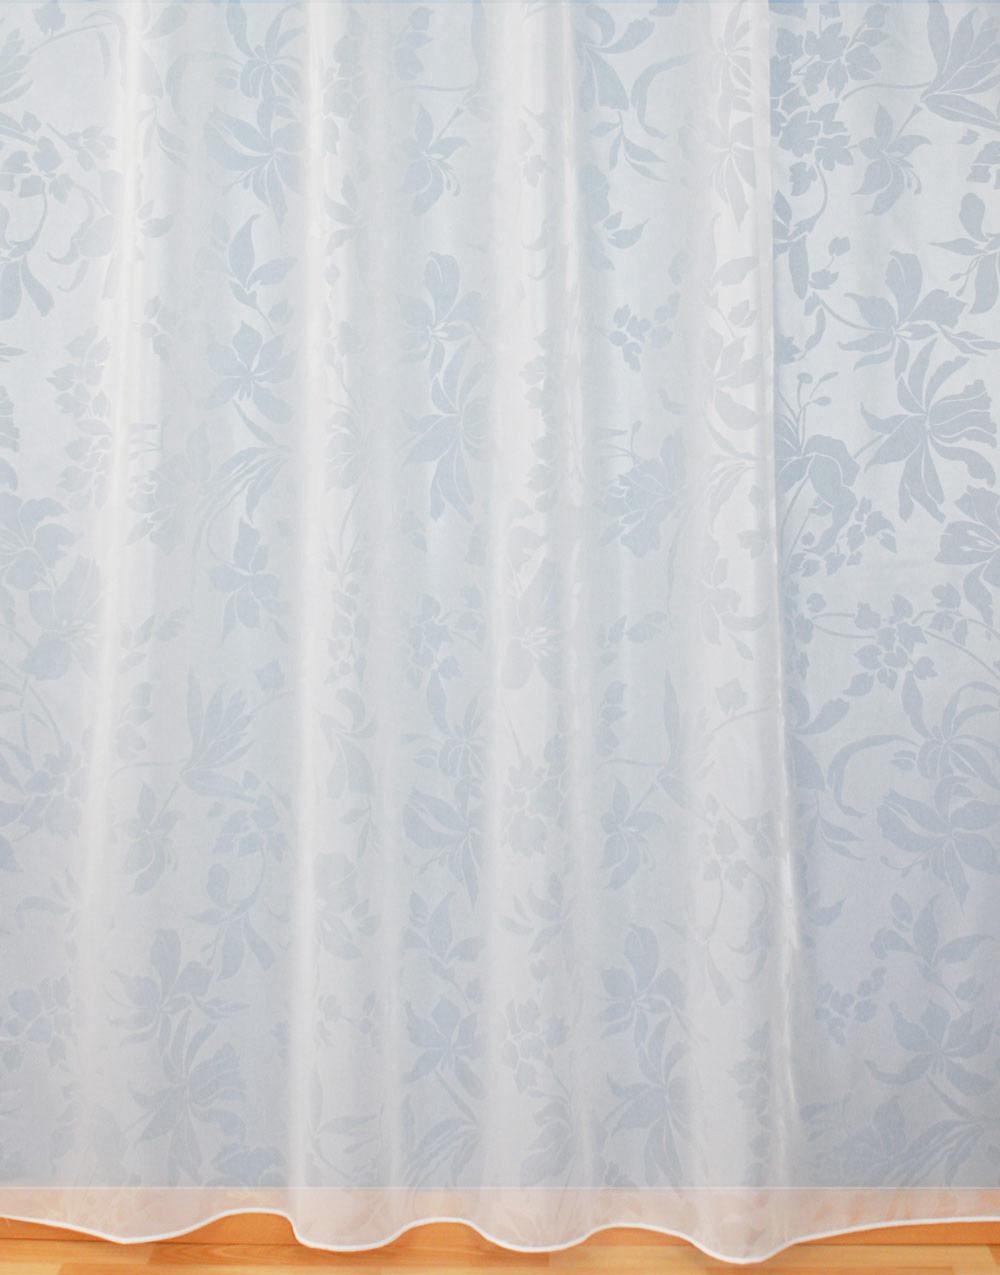 Voilage galon fronceur sur mesure voilage fantaisie blanc uquot with voilage galon fronceur sur - Voilage vitrage sur mesure ...